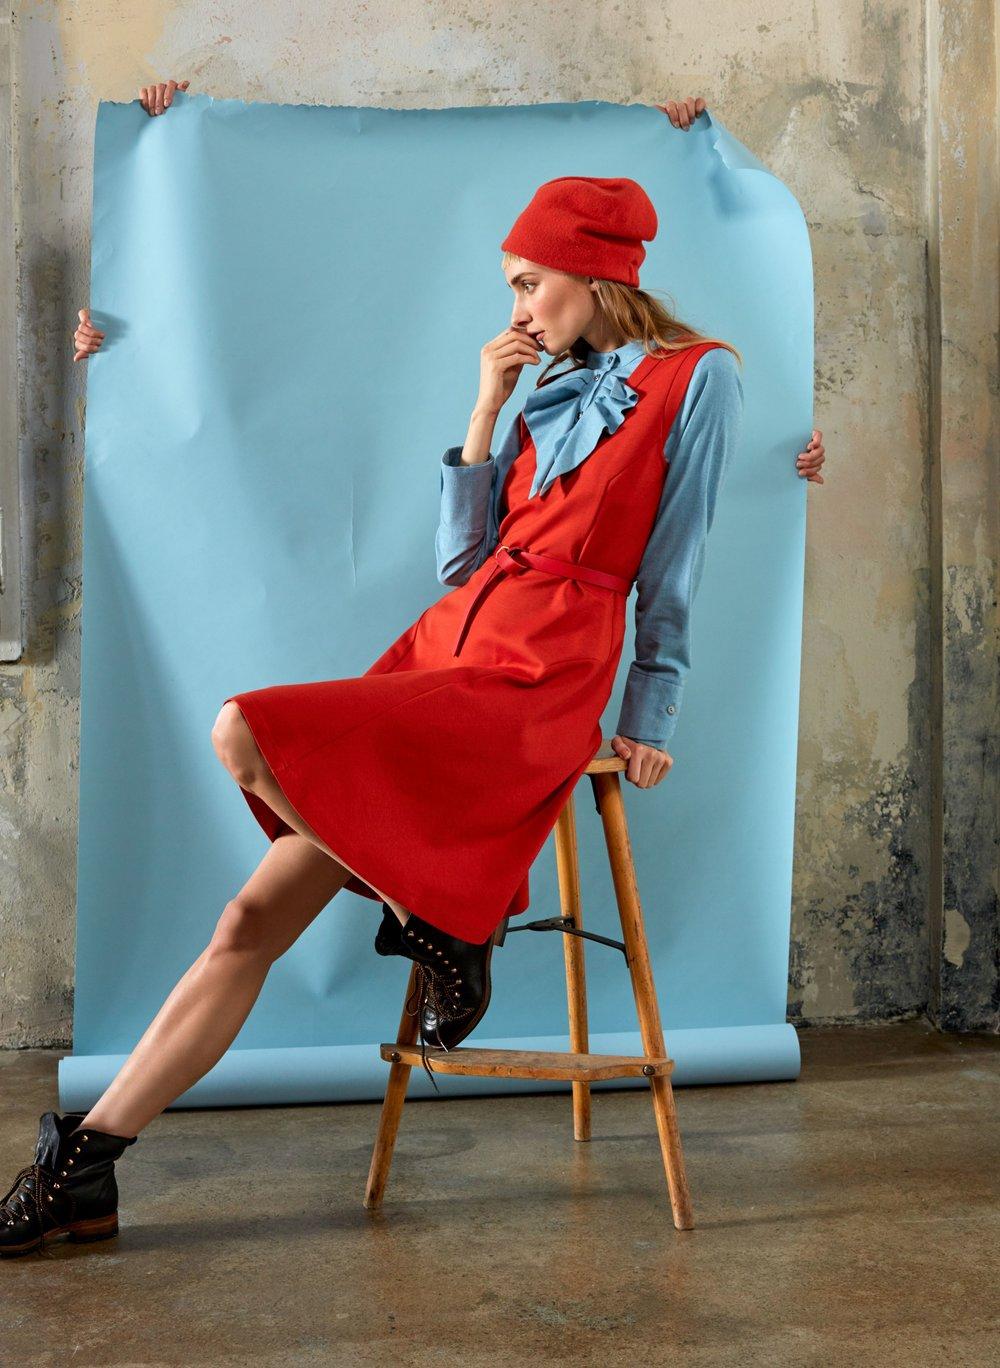 Tailliertes Jerseykleid über Flanellbluse mit Rüschendetail, Mütze von Silvia Bundschuh hutdesign